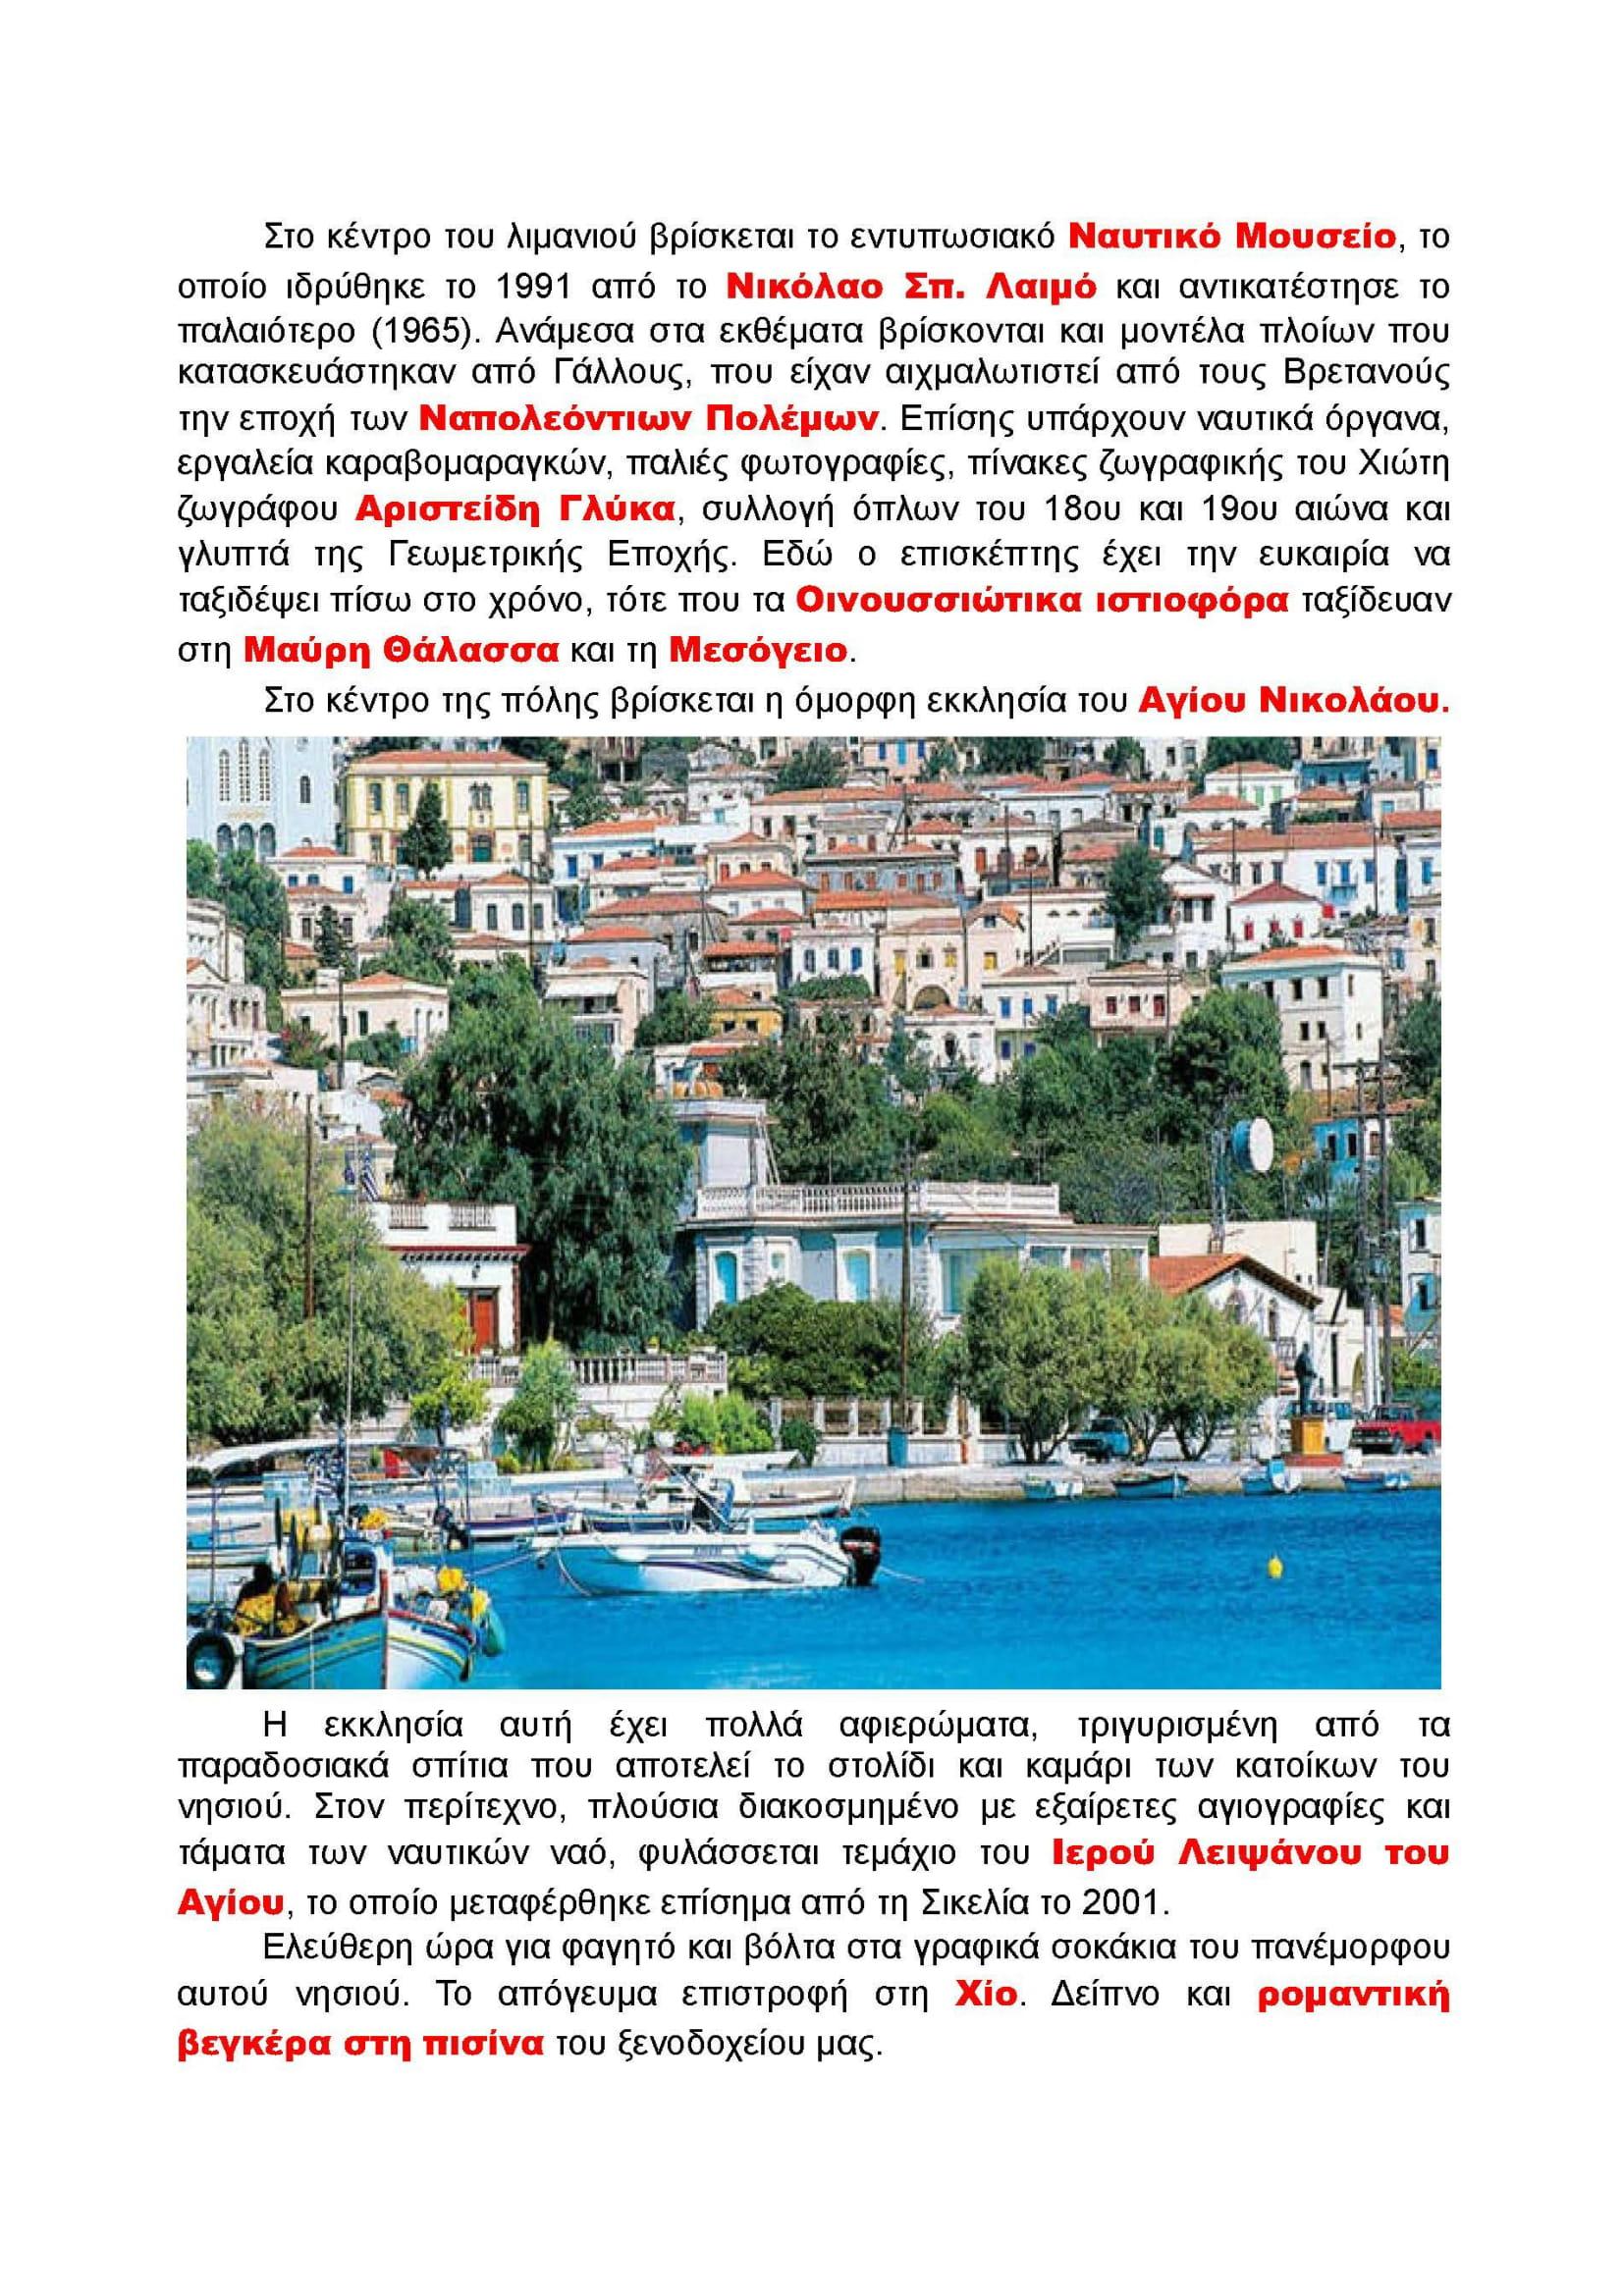 ΠΡΟΓΡΑΜΜΑ ΕΚΔΡΟΜΗΣ ΧΙΟΥ ΔΕΥΤΕΡΗ ΕΙΔΟΠΟΙΗΣΗ-11